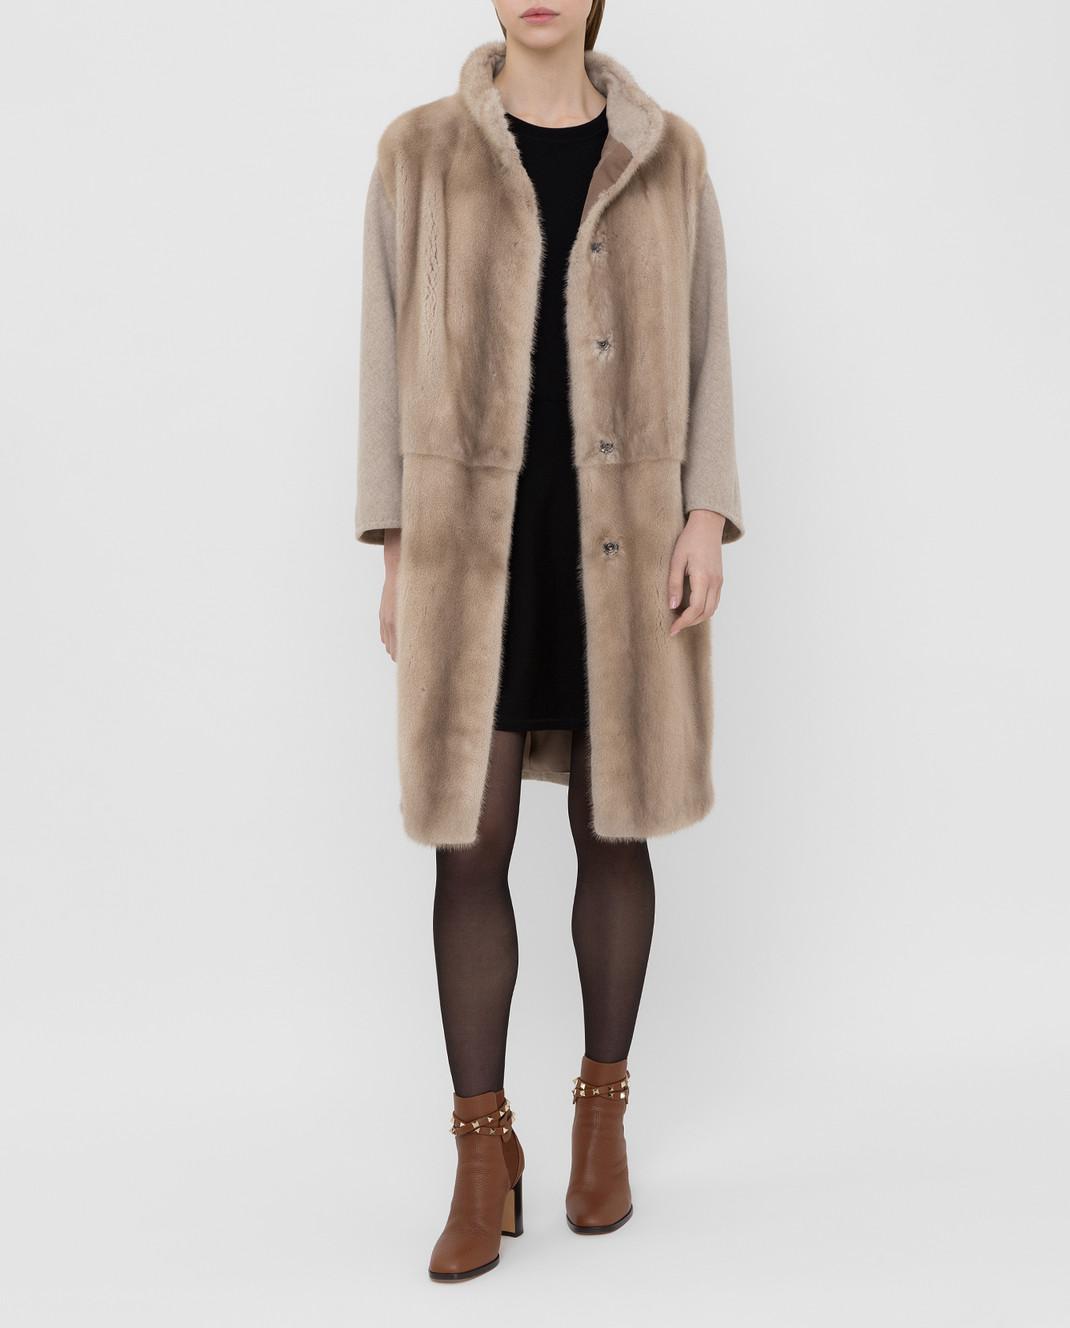 Giuliana Teso Бежевое пальто из шерсти с мехом норки 74QS285T072 изображение 2